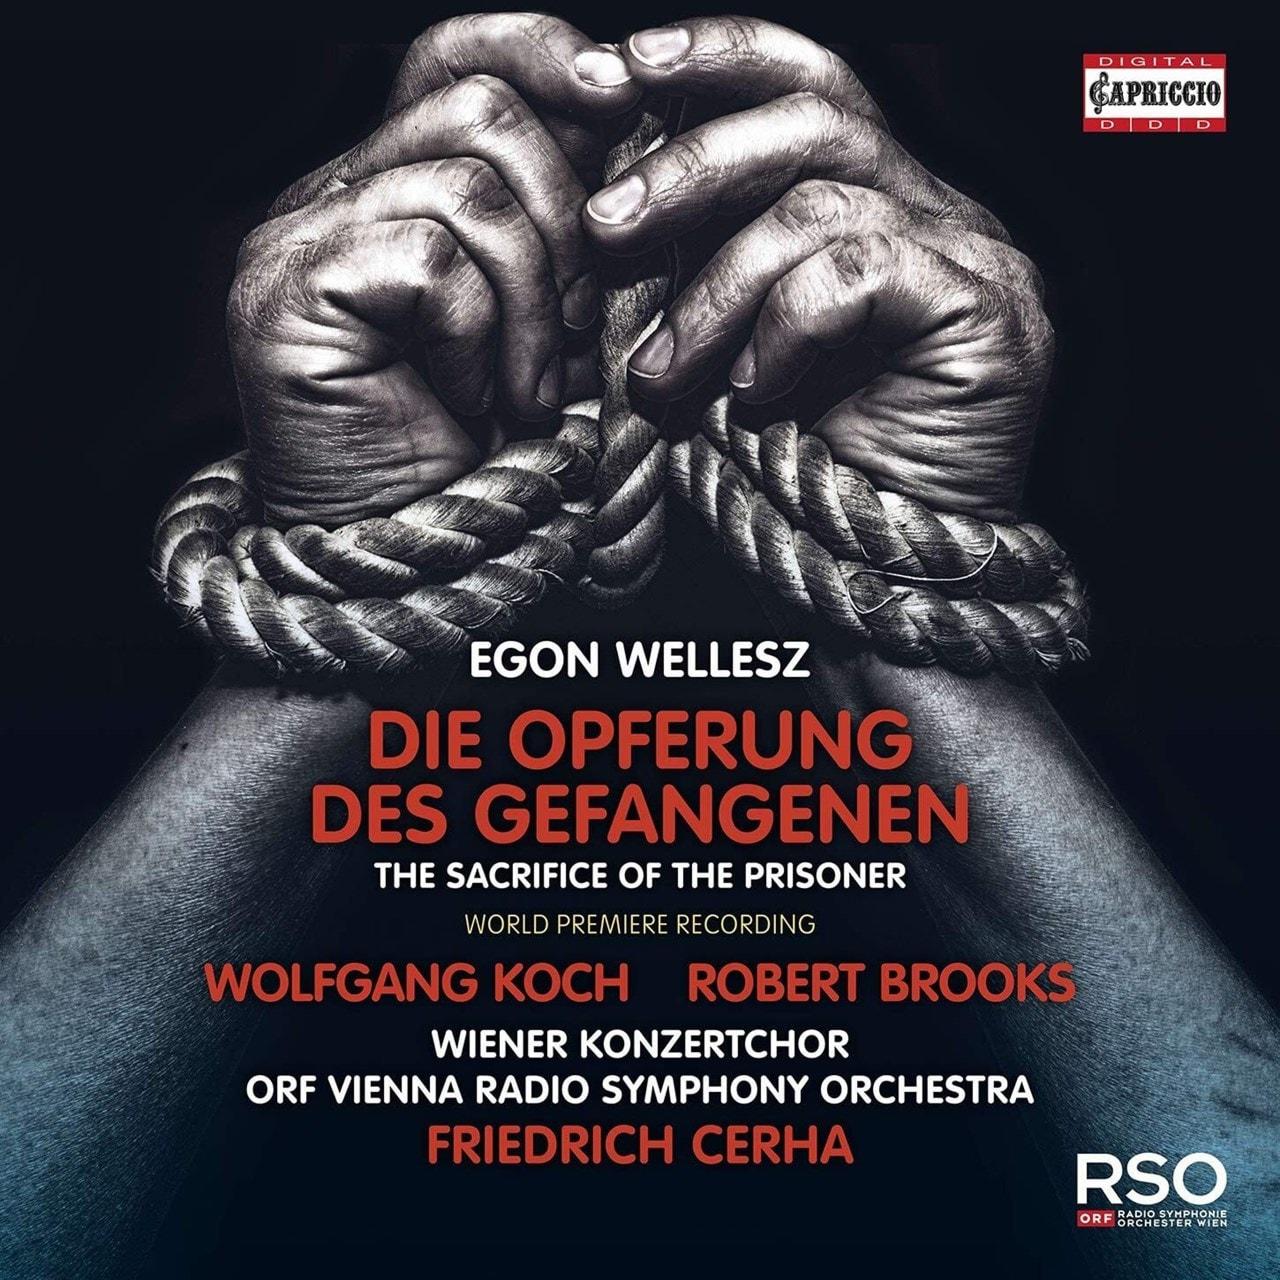 Egon Wellesz: Die Opferung Des Gefangenen: The Sacrifice of the Prisoner - 1